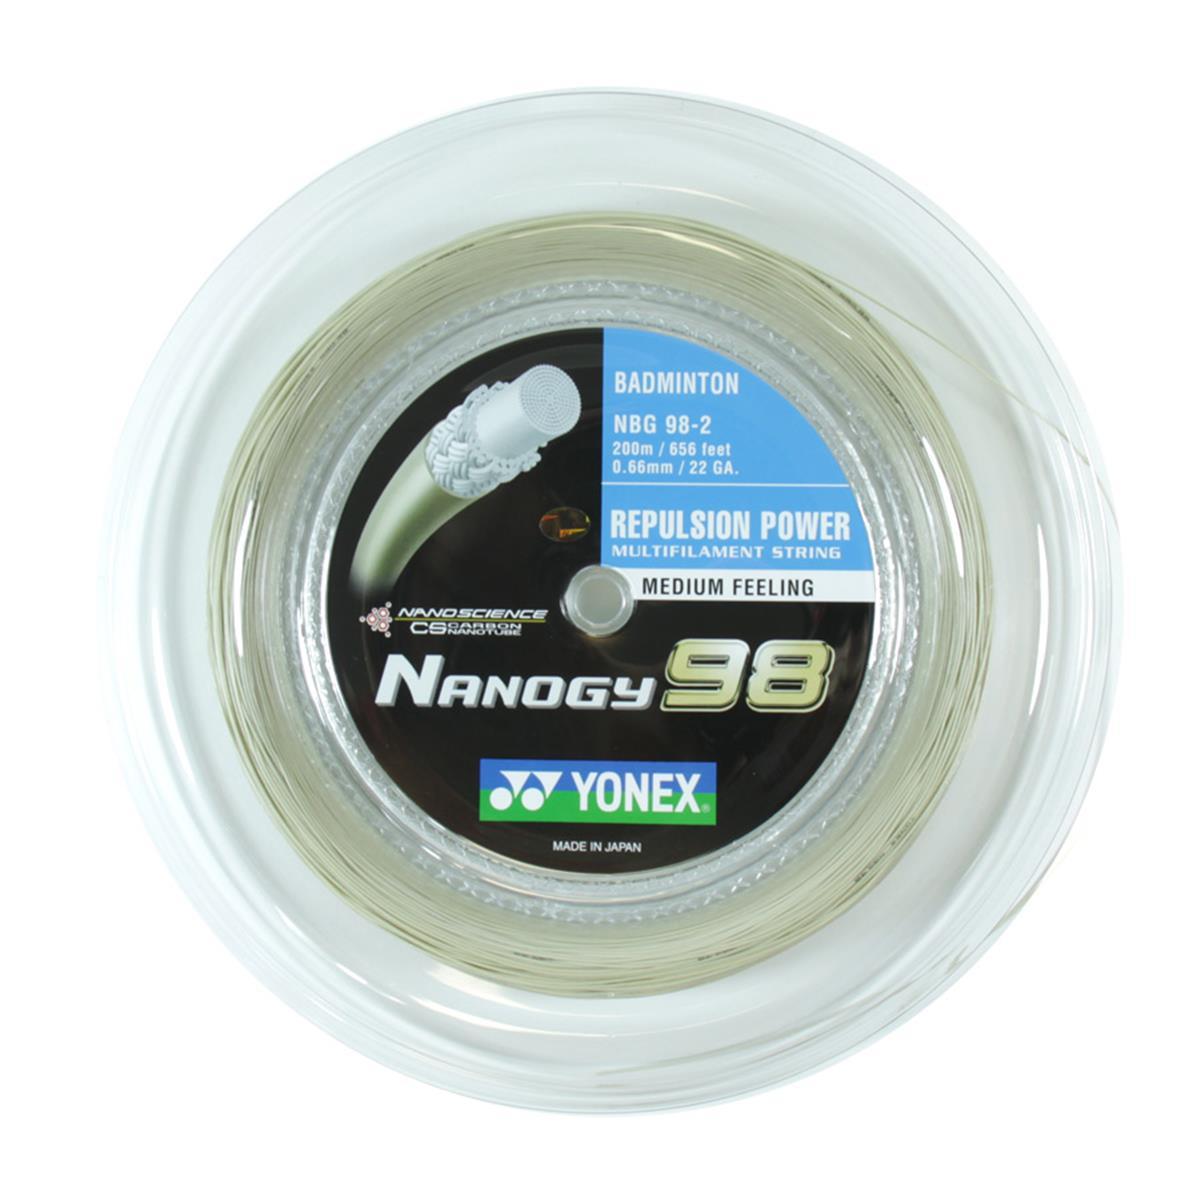 Yonex Nanogy 98 (200 metre reel) Badminton Racket String ...